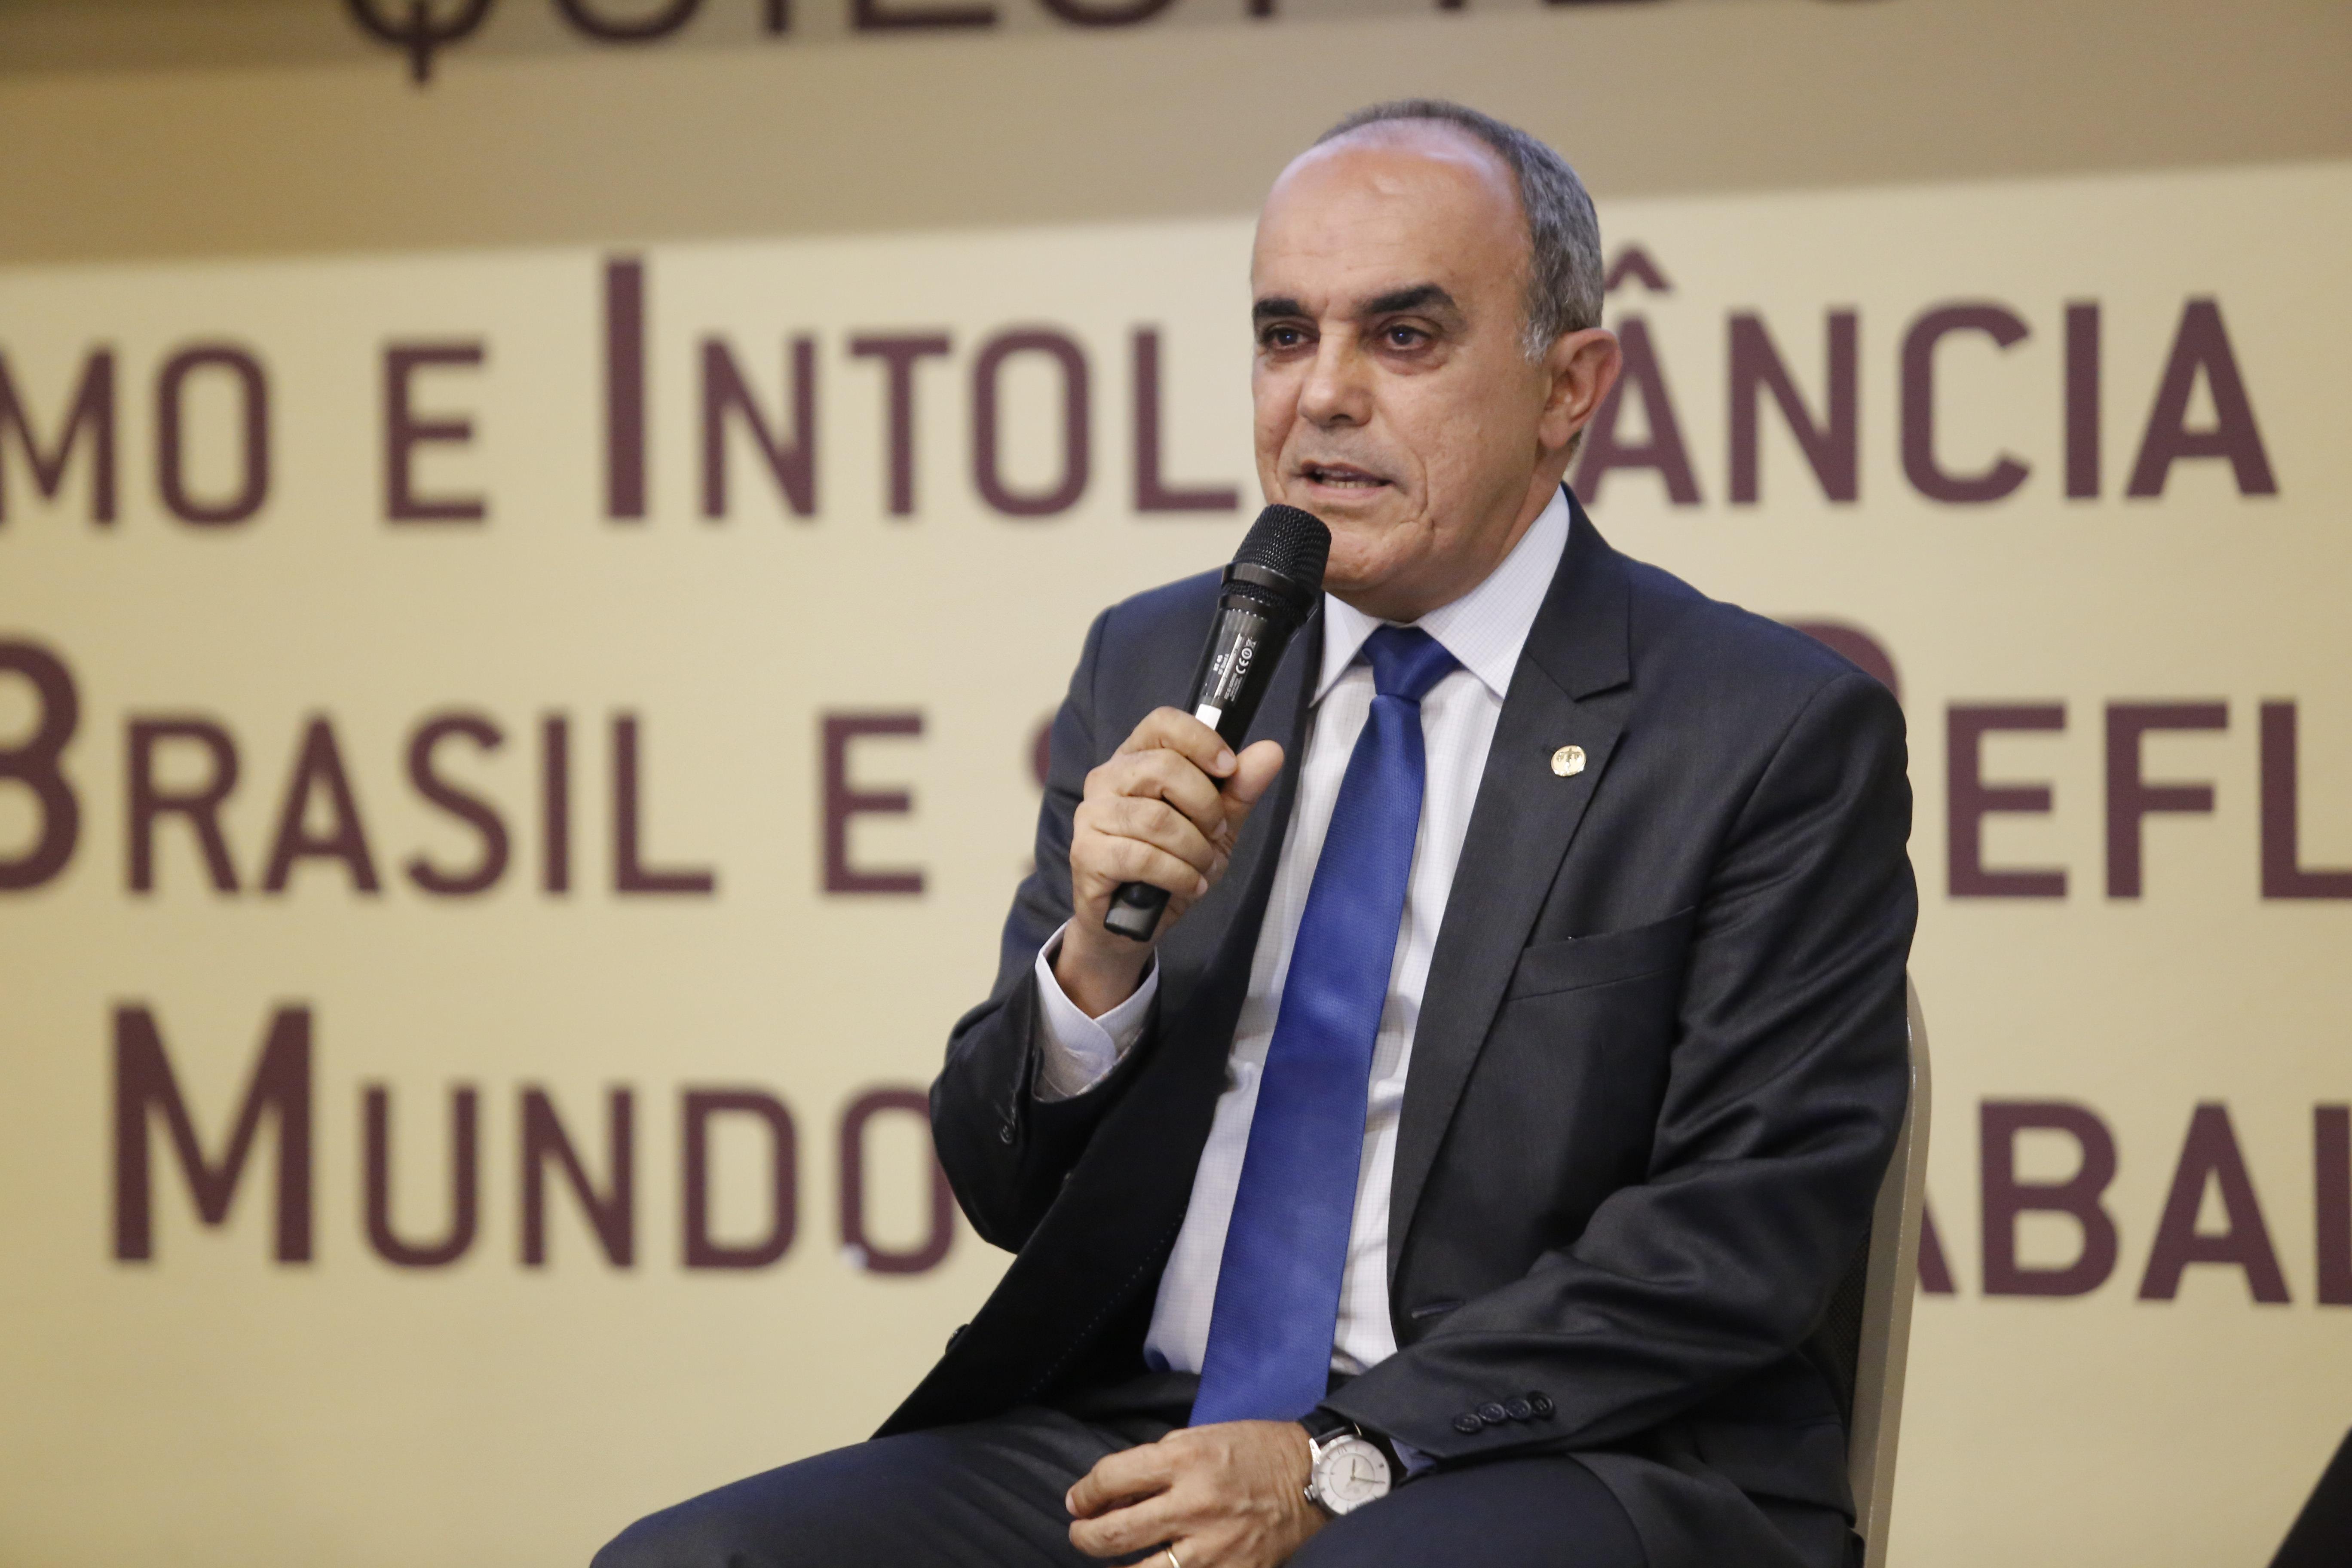 O ministro falou sobre as mudanças promovidas pela reforma trabalhista acerca do dano moral (foto: divulgação/MPT)